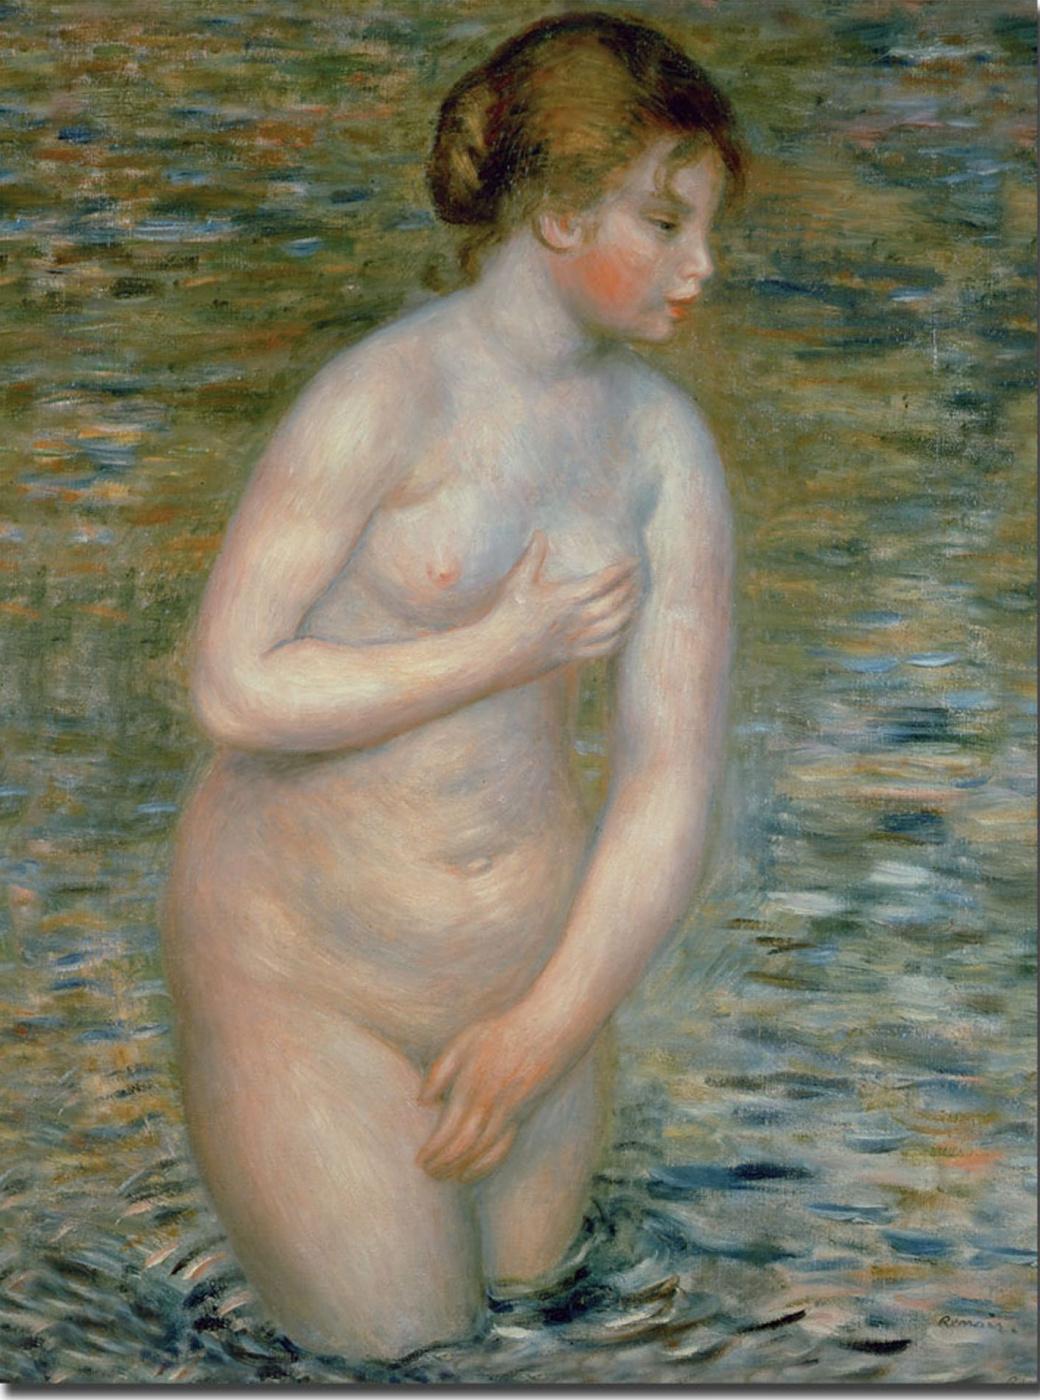 Pierre-Auguste Renoir. Nude in the water